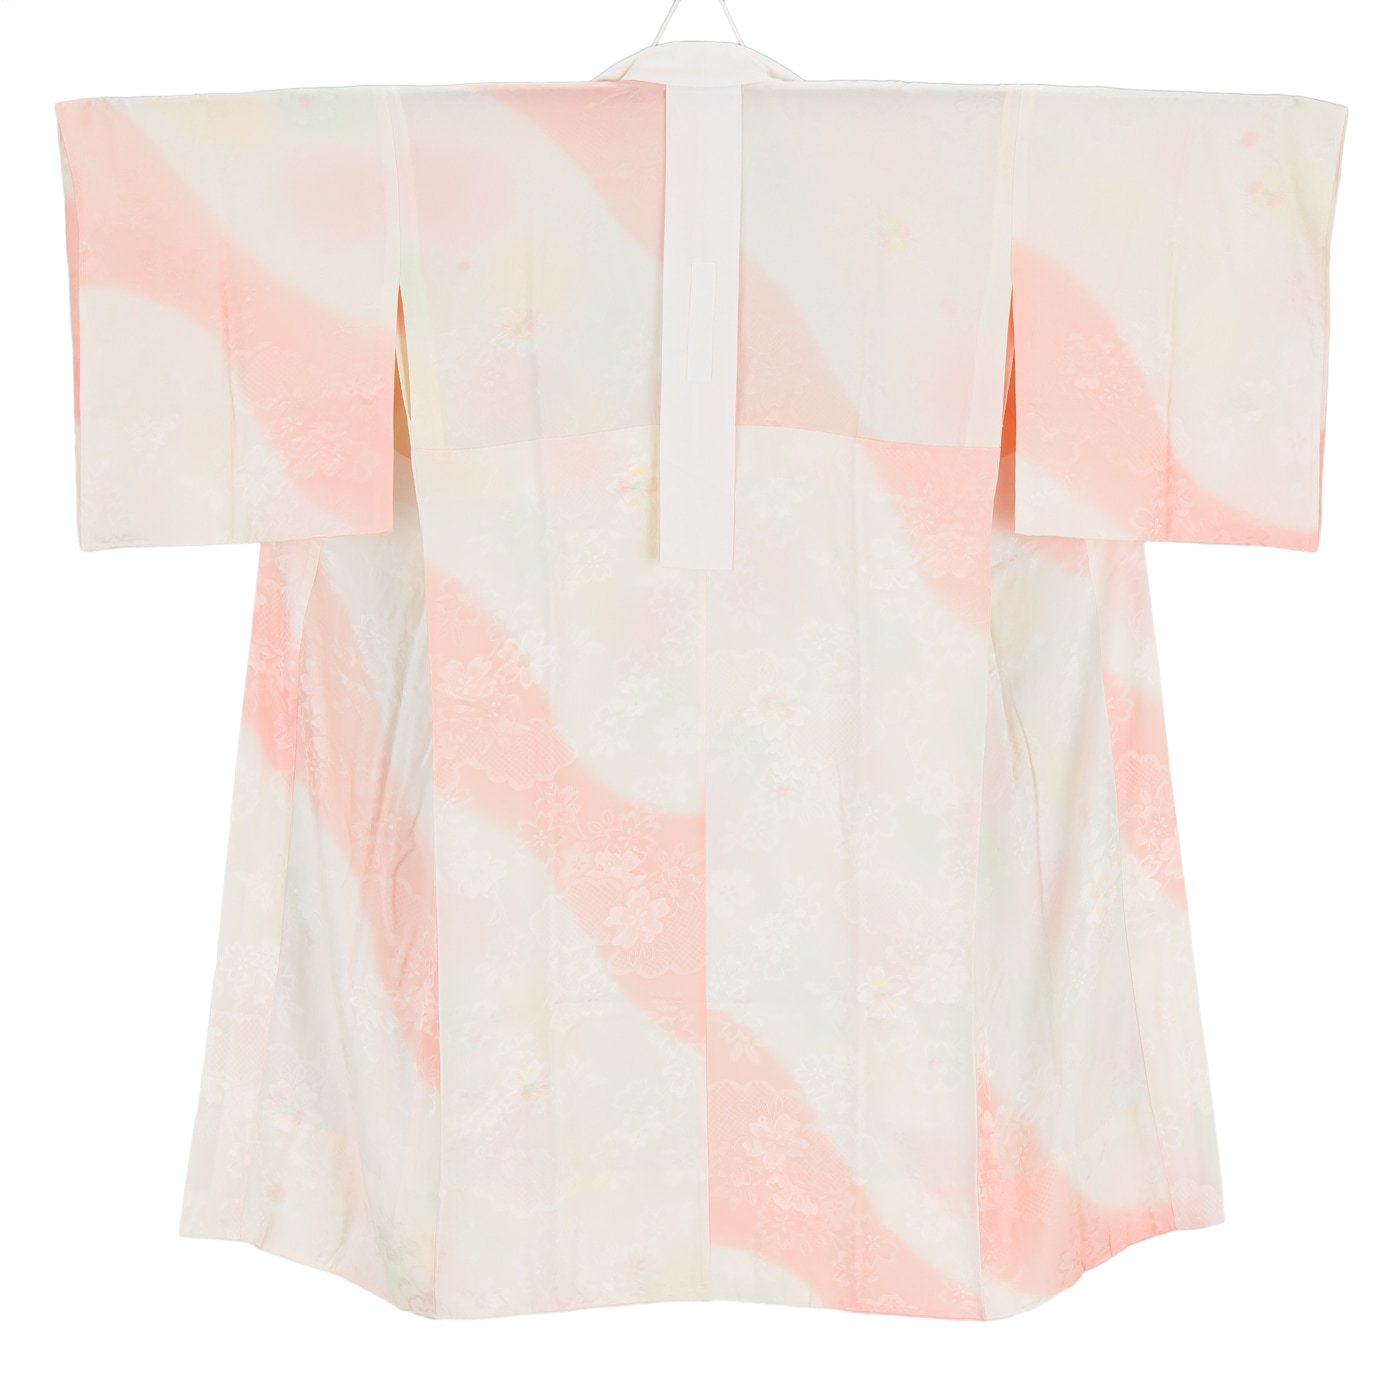 「長襦袢 白とピンク 桜地紋」の商品画像